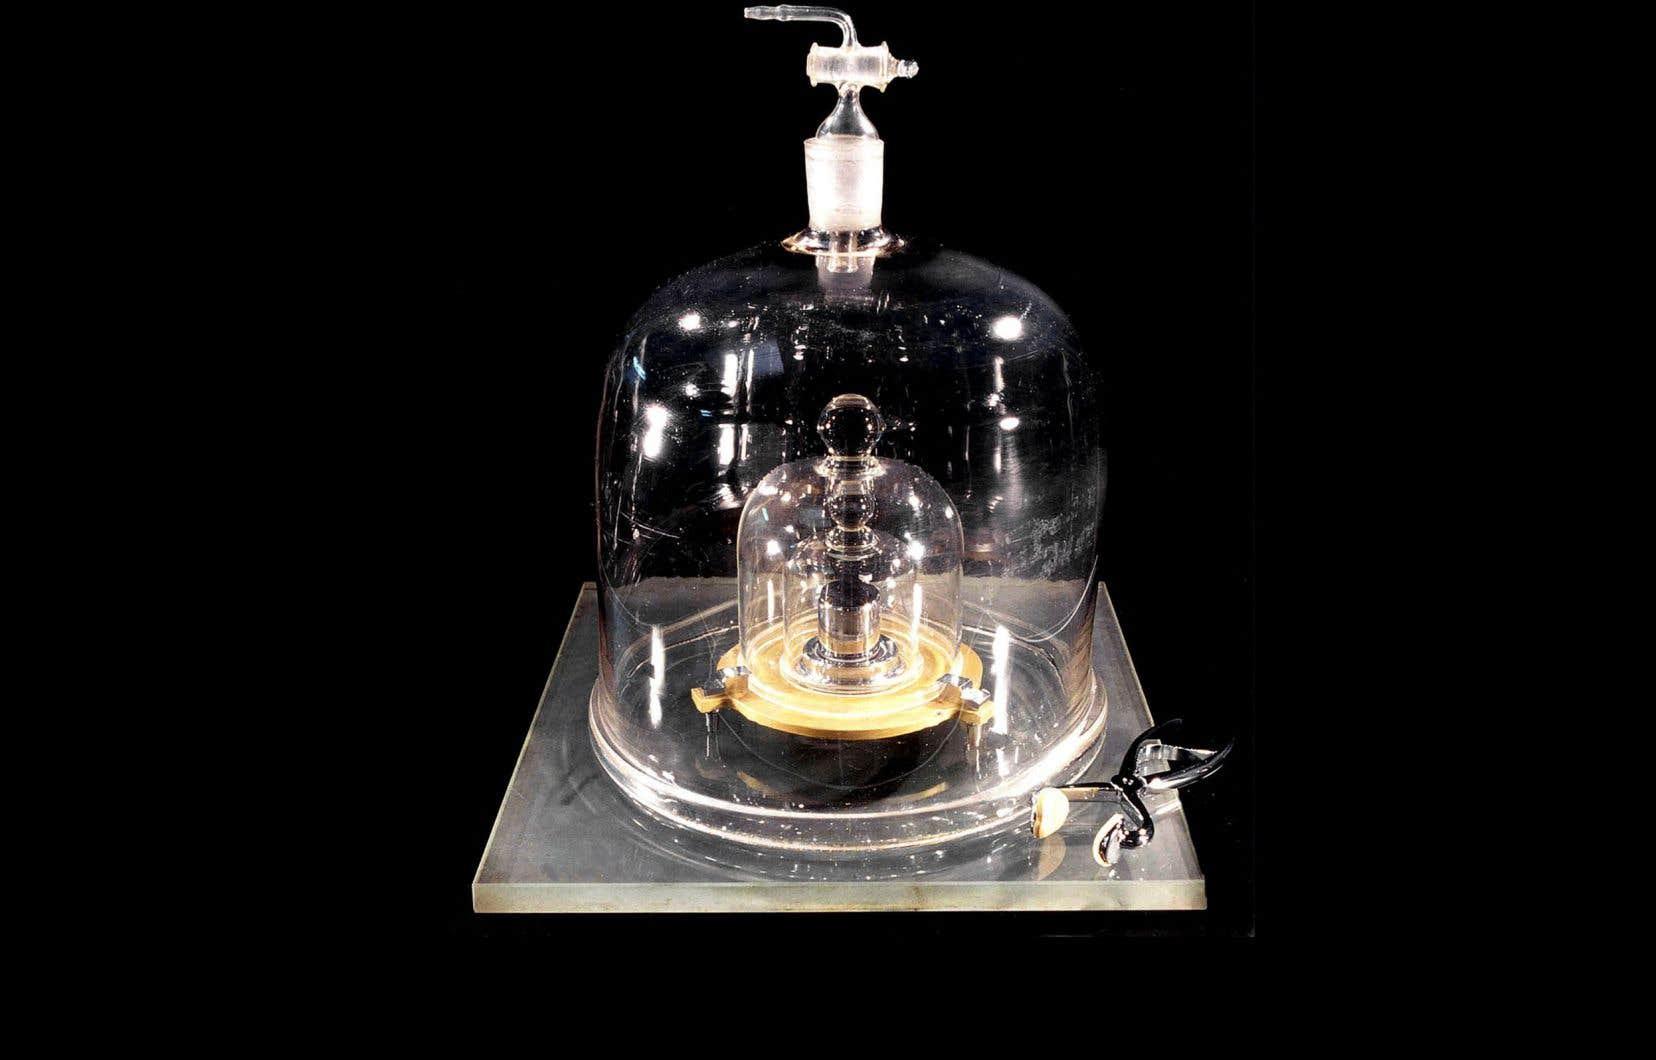 Photo non datée de l'étalon kilogramme conservé au Bureau international des poids et mesures situé à Sèvres.